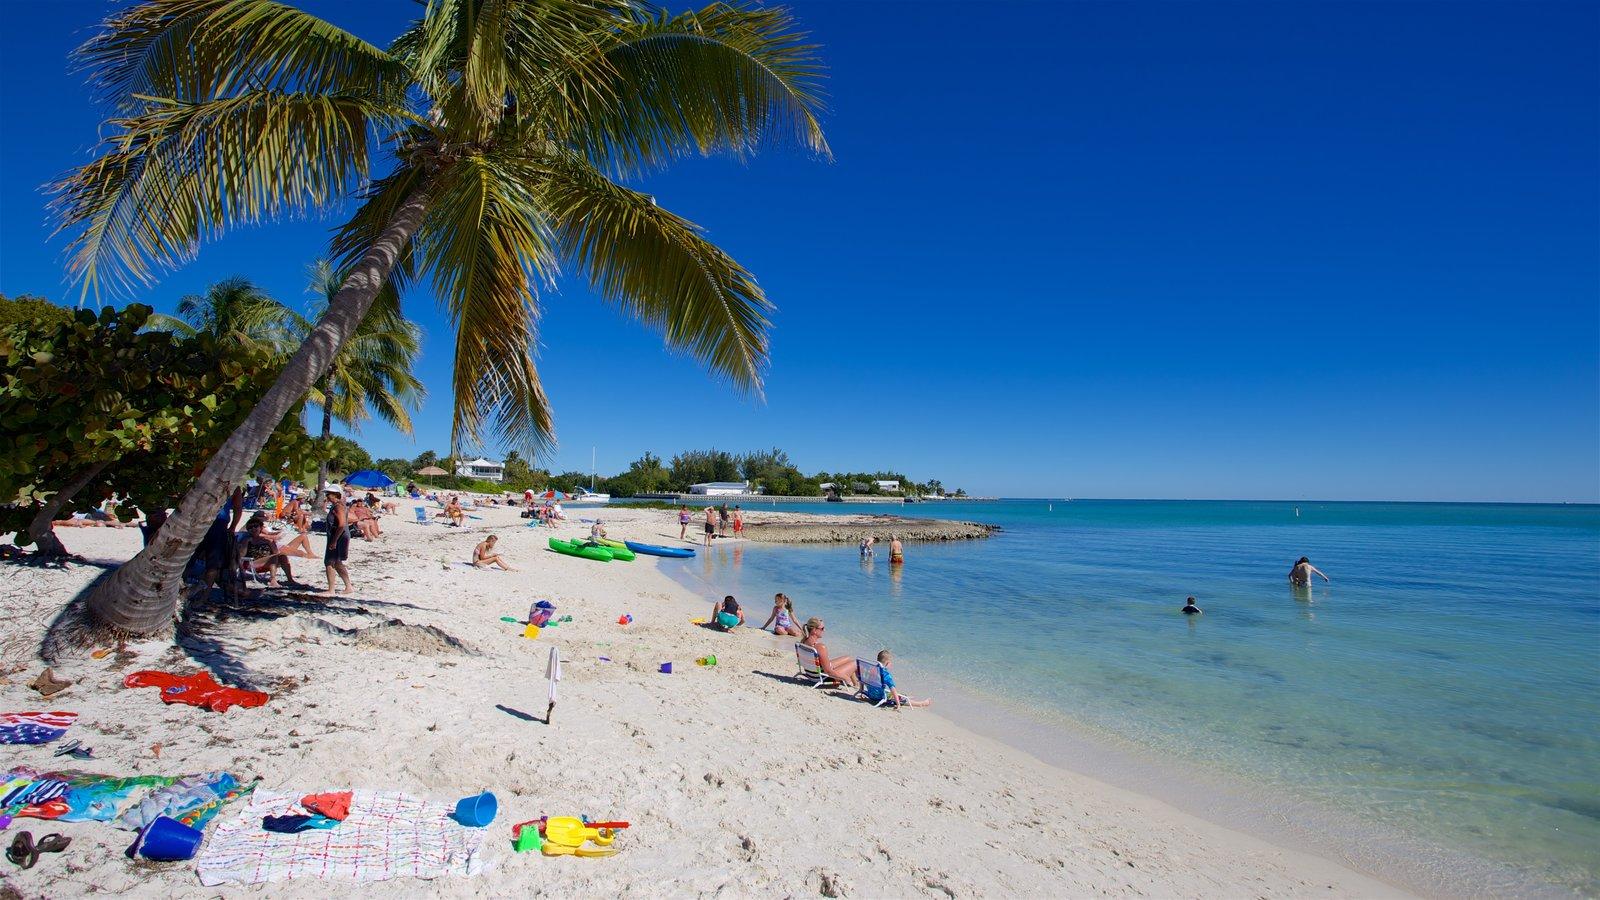 Sombrero Beach que inclui uma baía ou porto e uma praia de areia assim como um pequeno grupo de pessoas